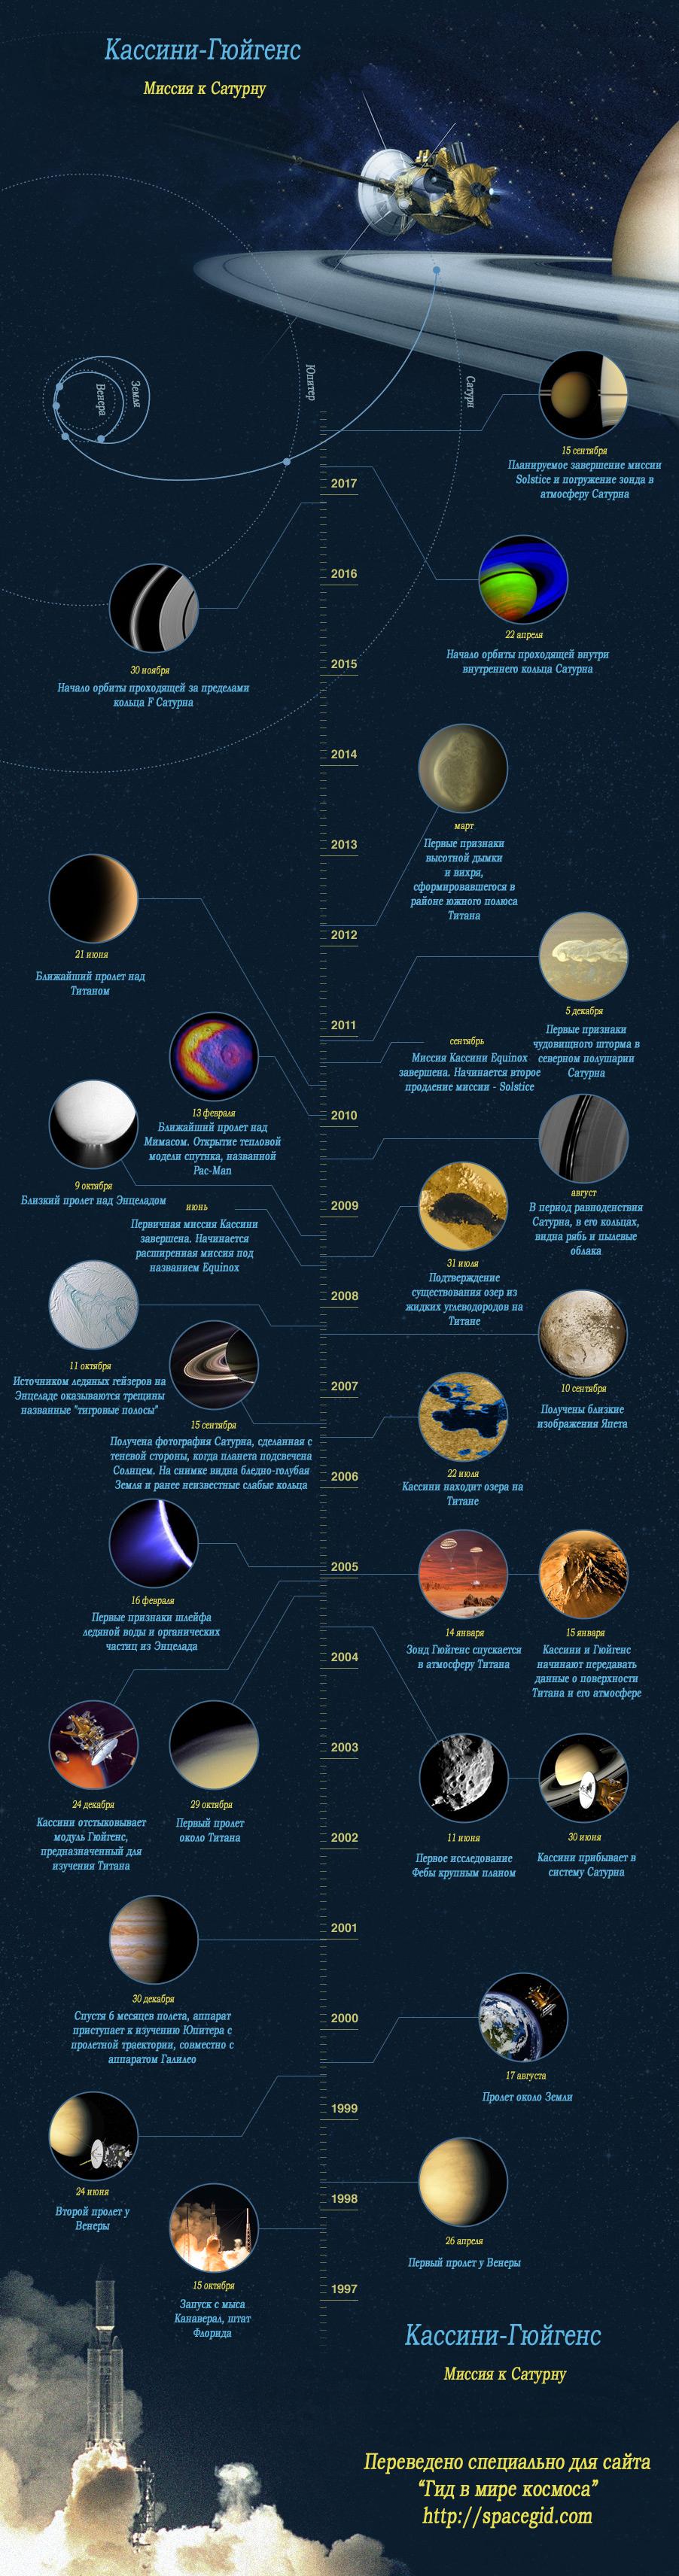 Миссия к Сатурну